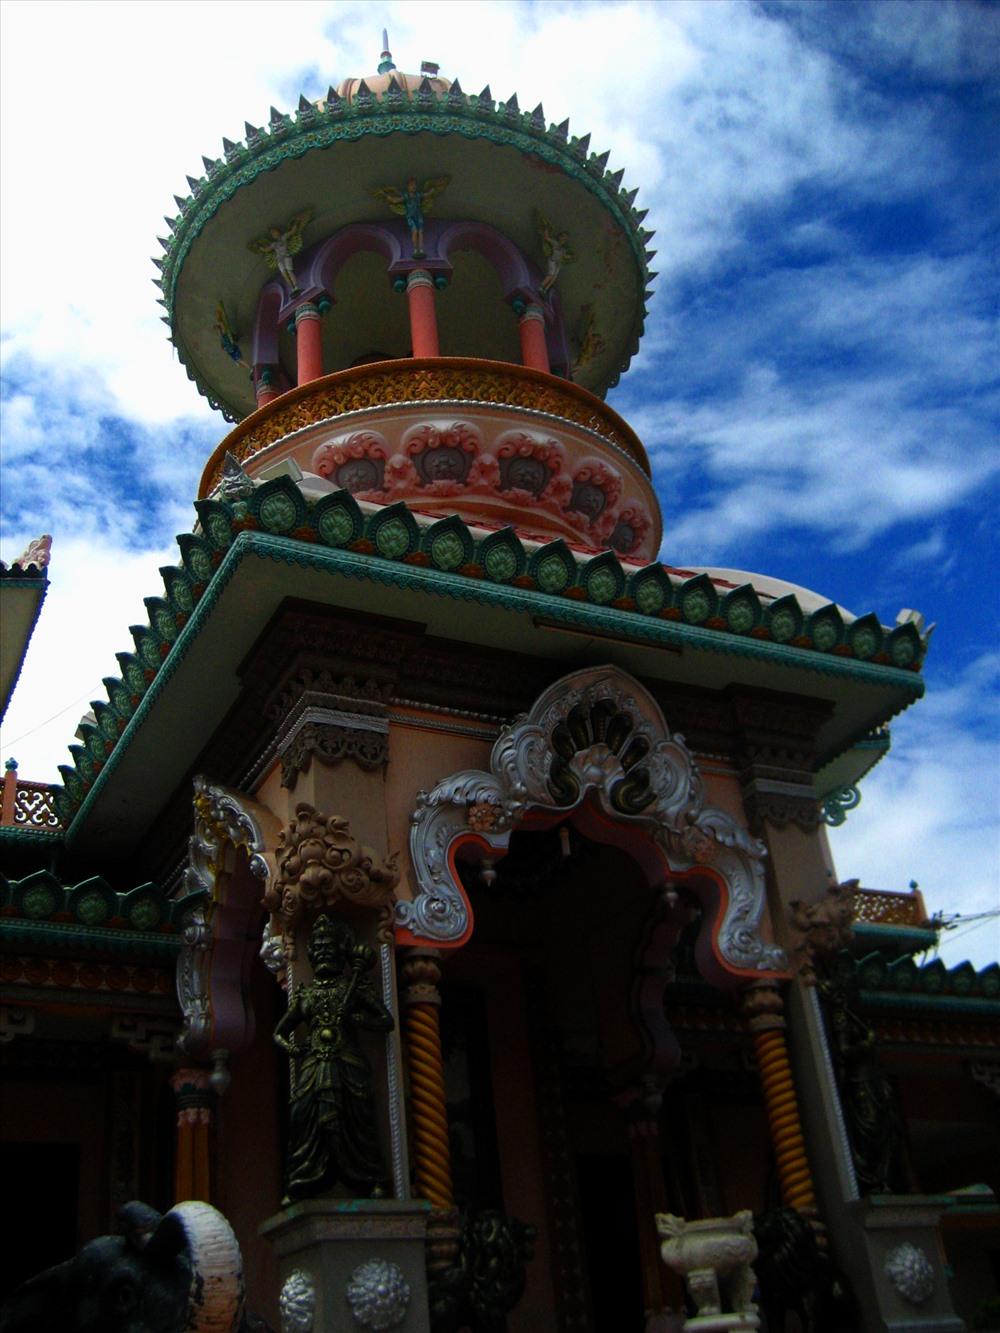 Kiến trúc đặc trưng của chùa Tây An là sự kết hợp Ấn - Việt. Ảnh: Lục Tùng